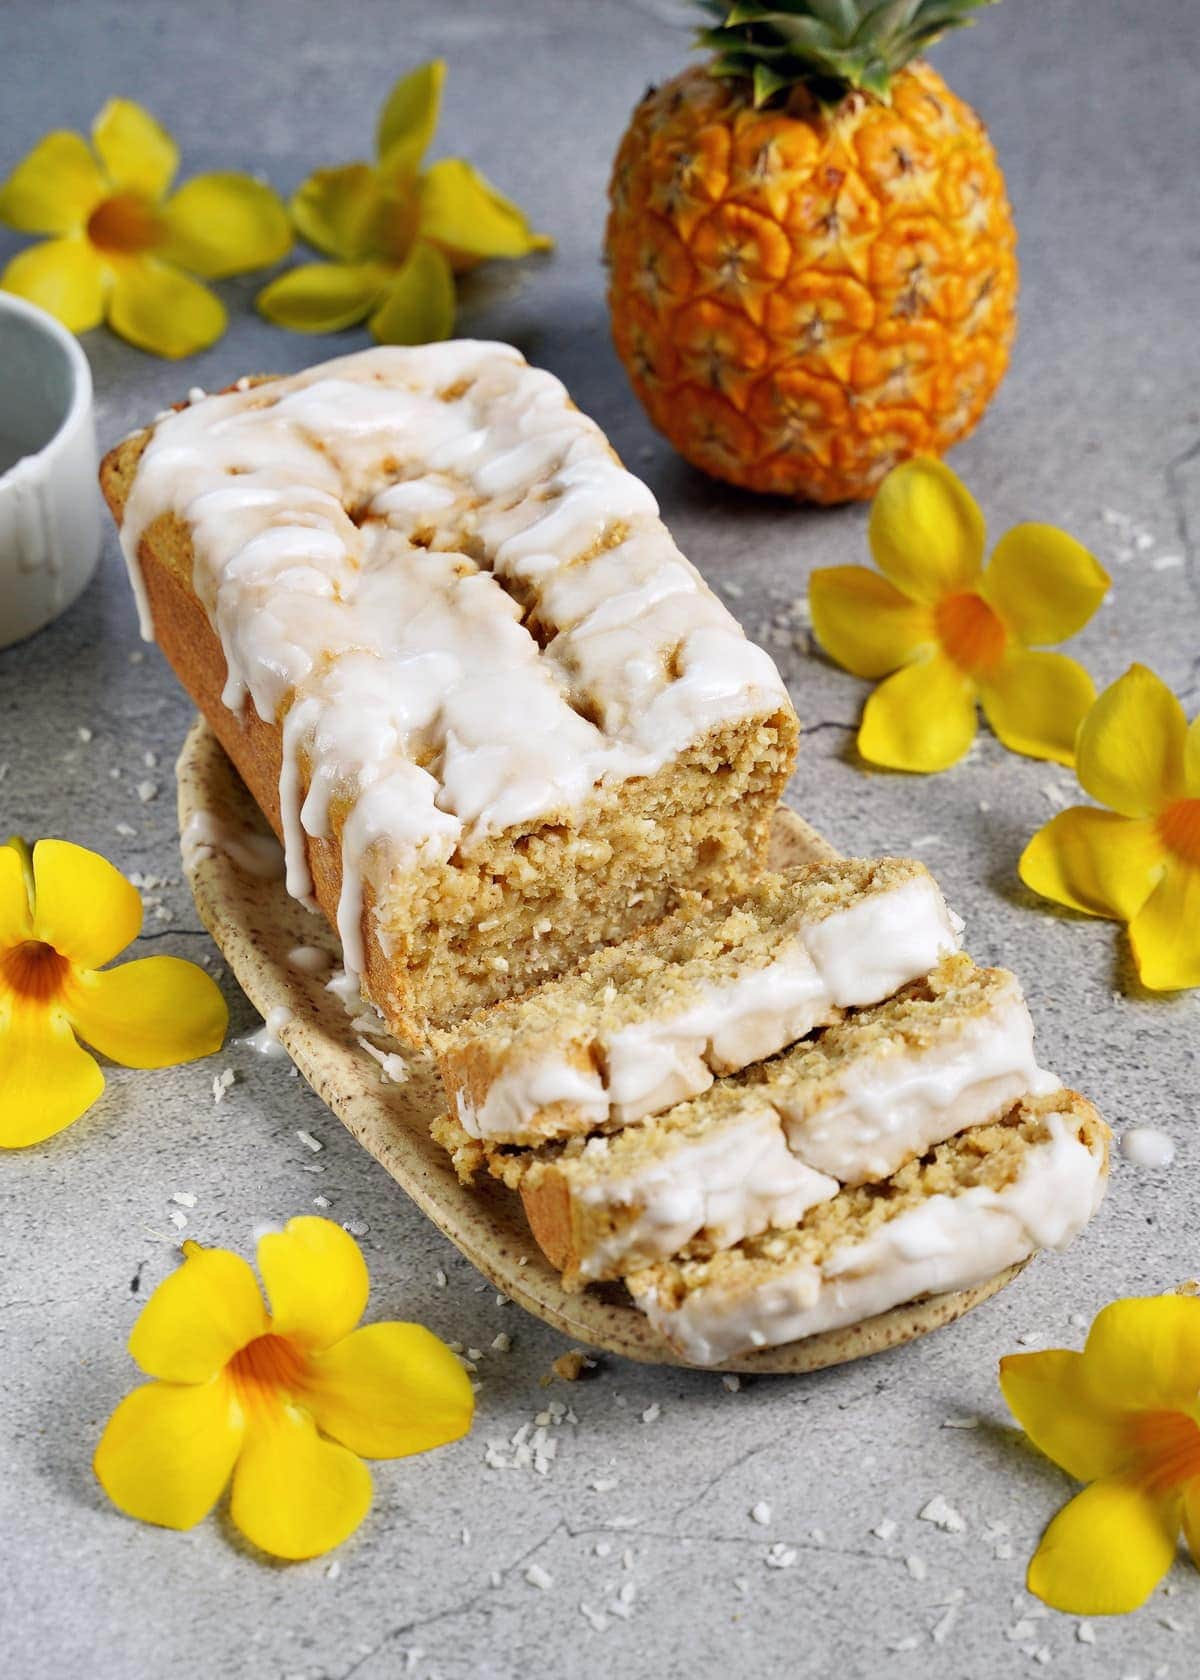 frischer Ananaskuchen mit zuckerfreier Glasur und gelben Blüten als Dekoration